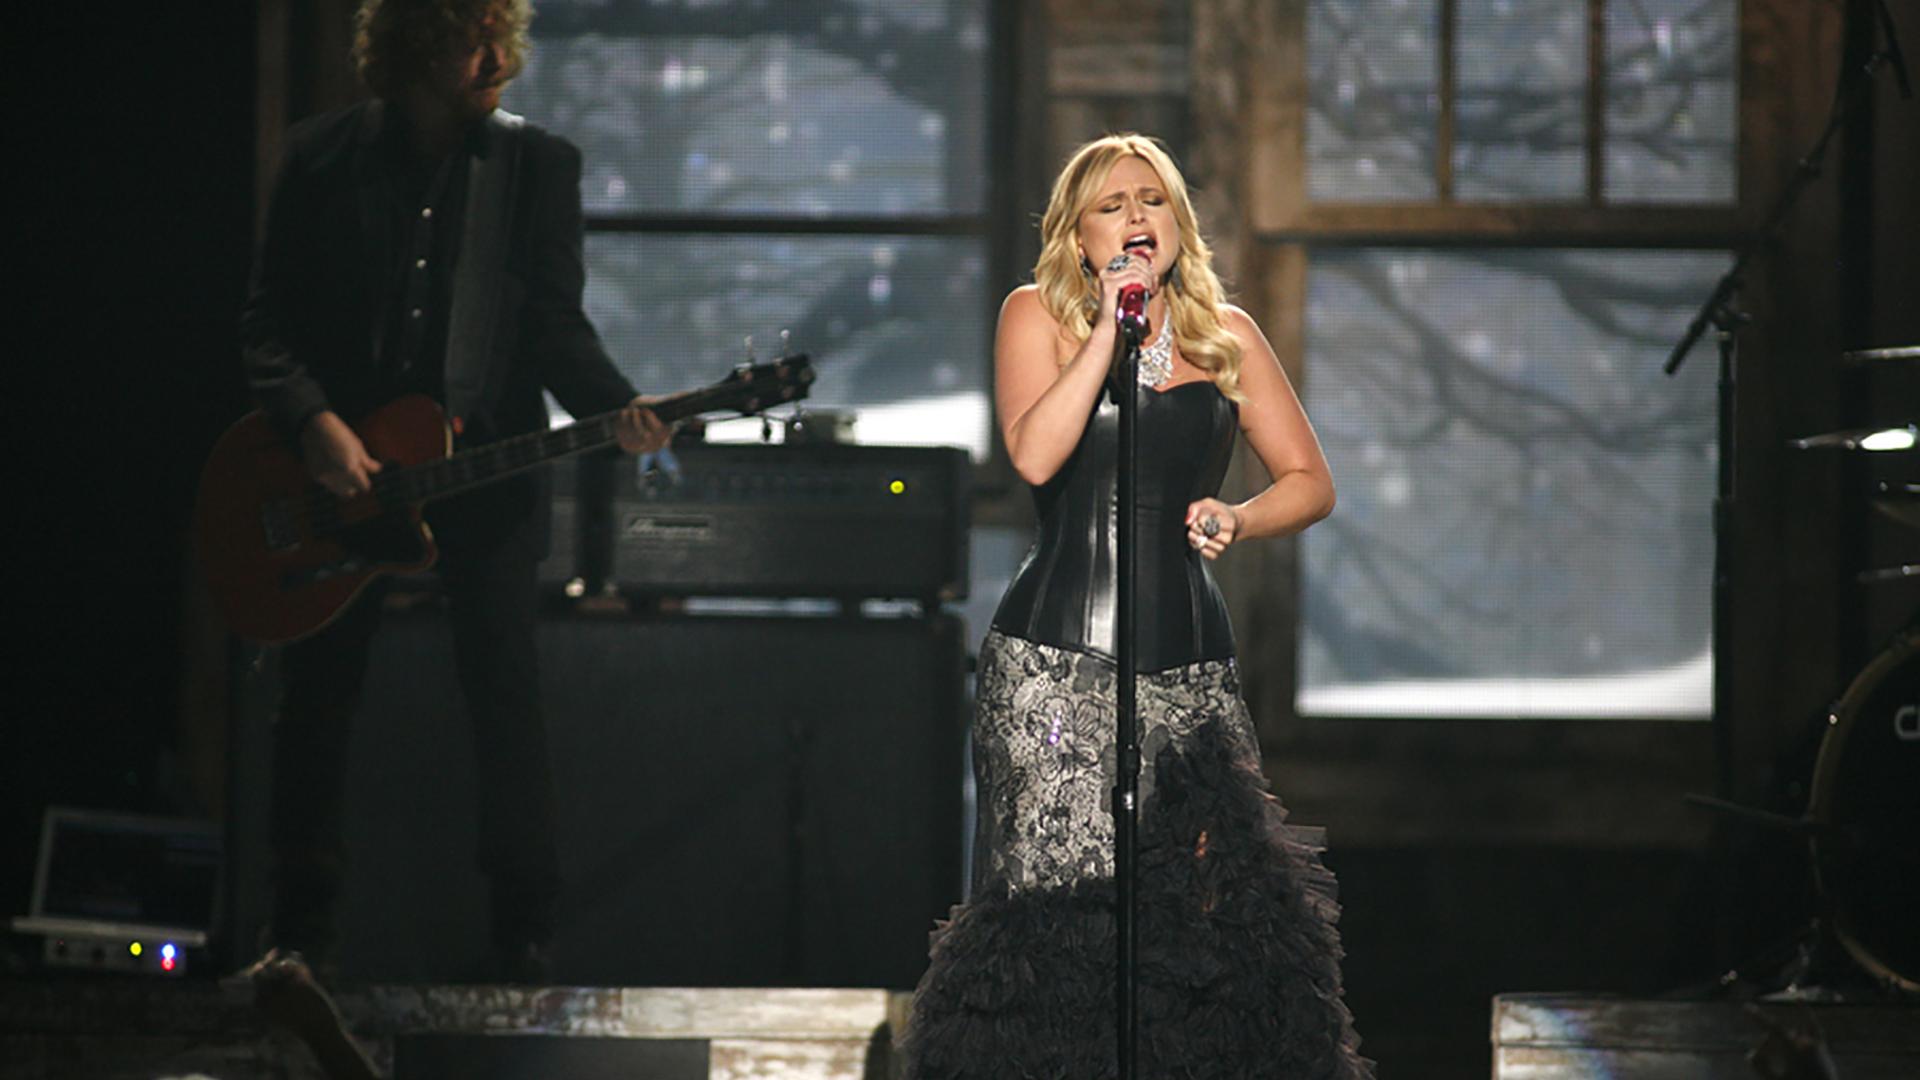 19. Miranda Lambert performs